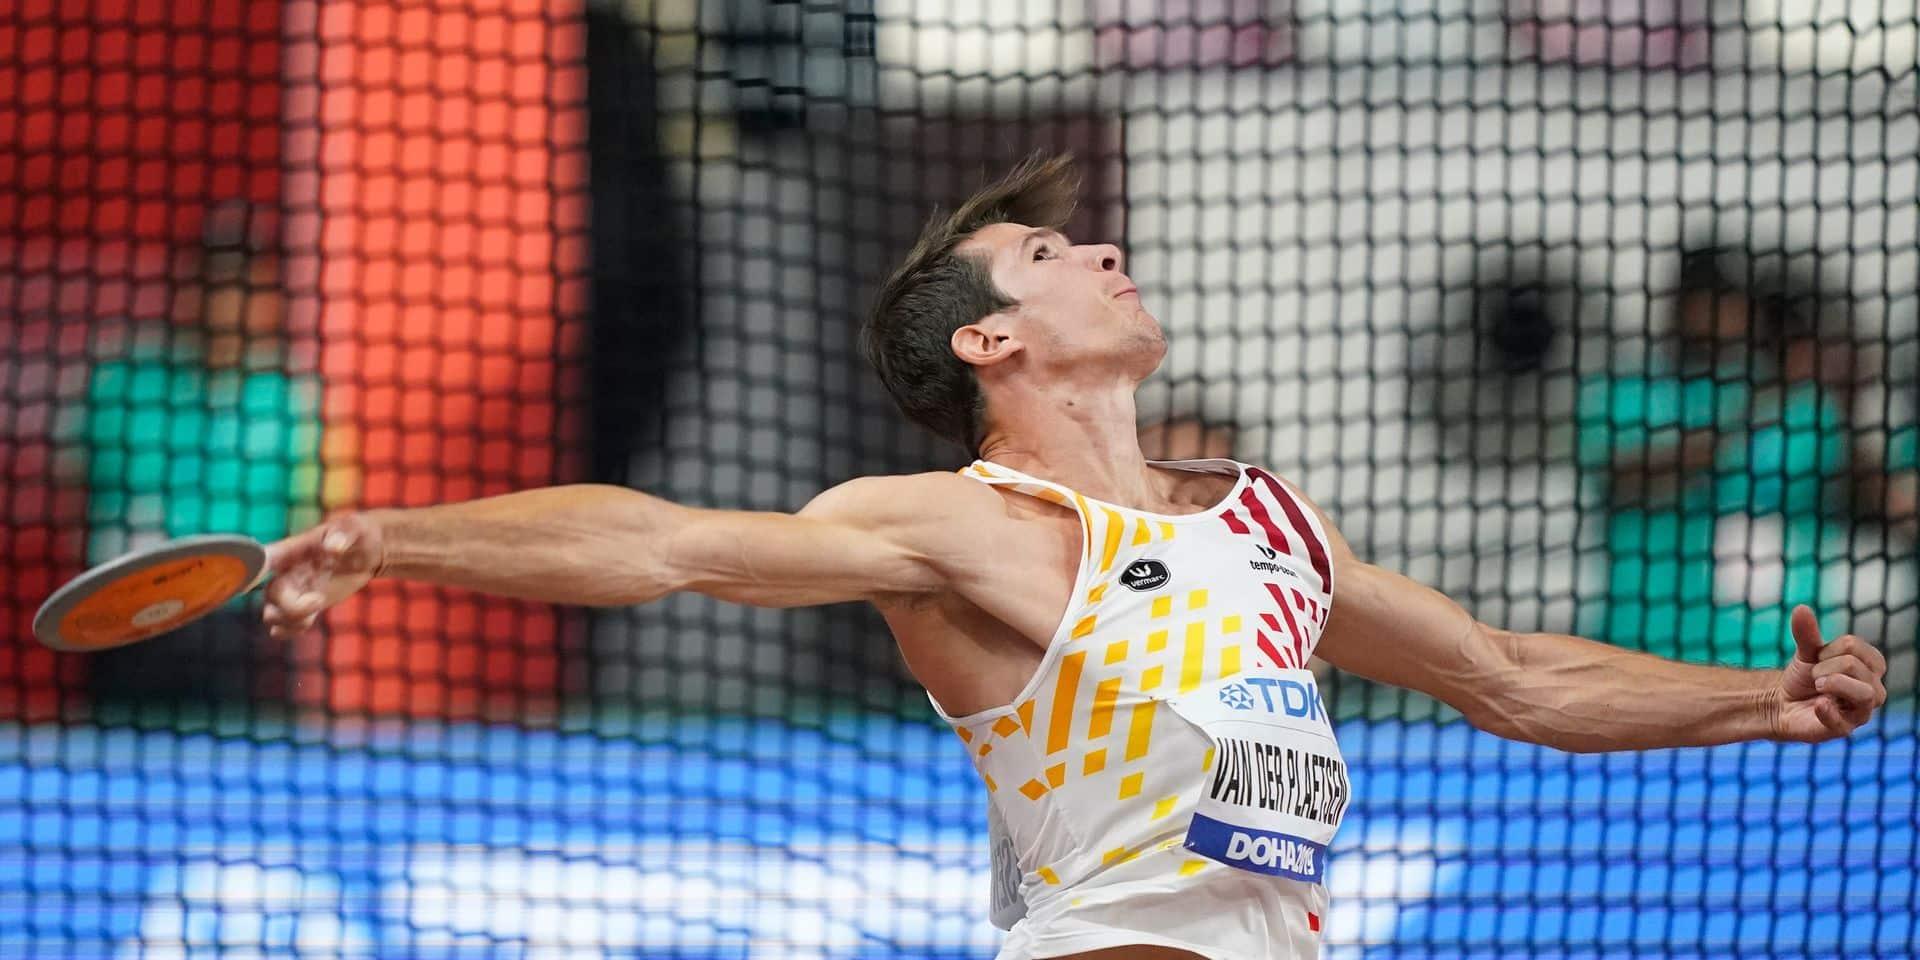 Mondiaux d'athlétisme: Thomas Van der Plaetsen termine 9e du décathlon qui sacre l'Allemand Niklas Kaul